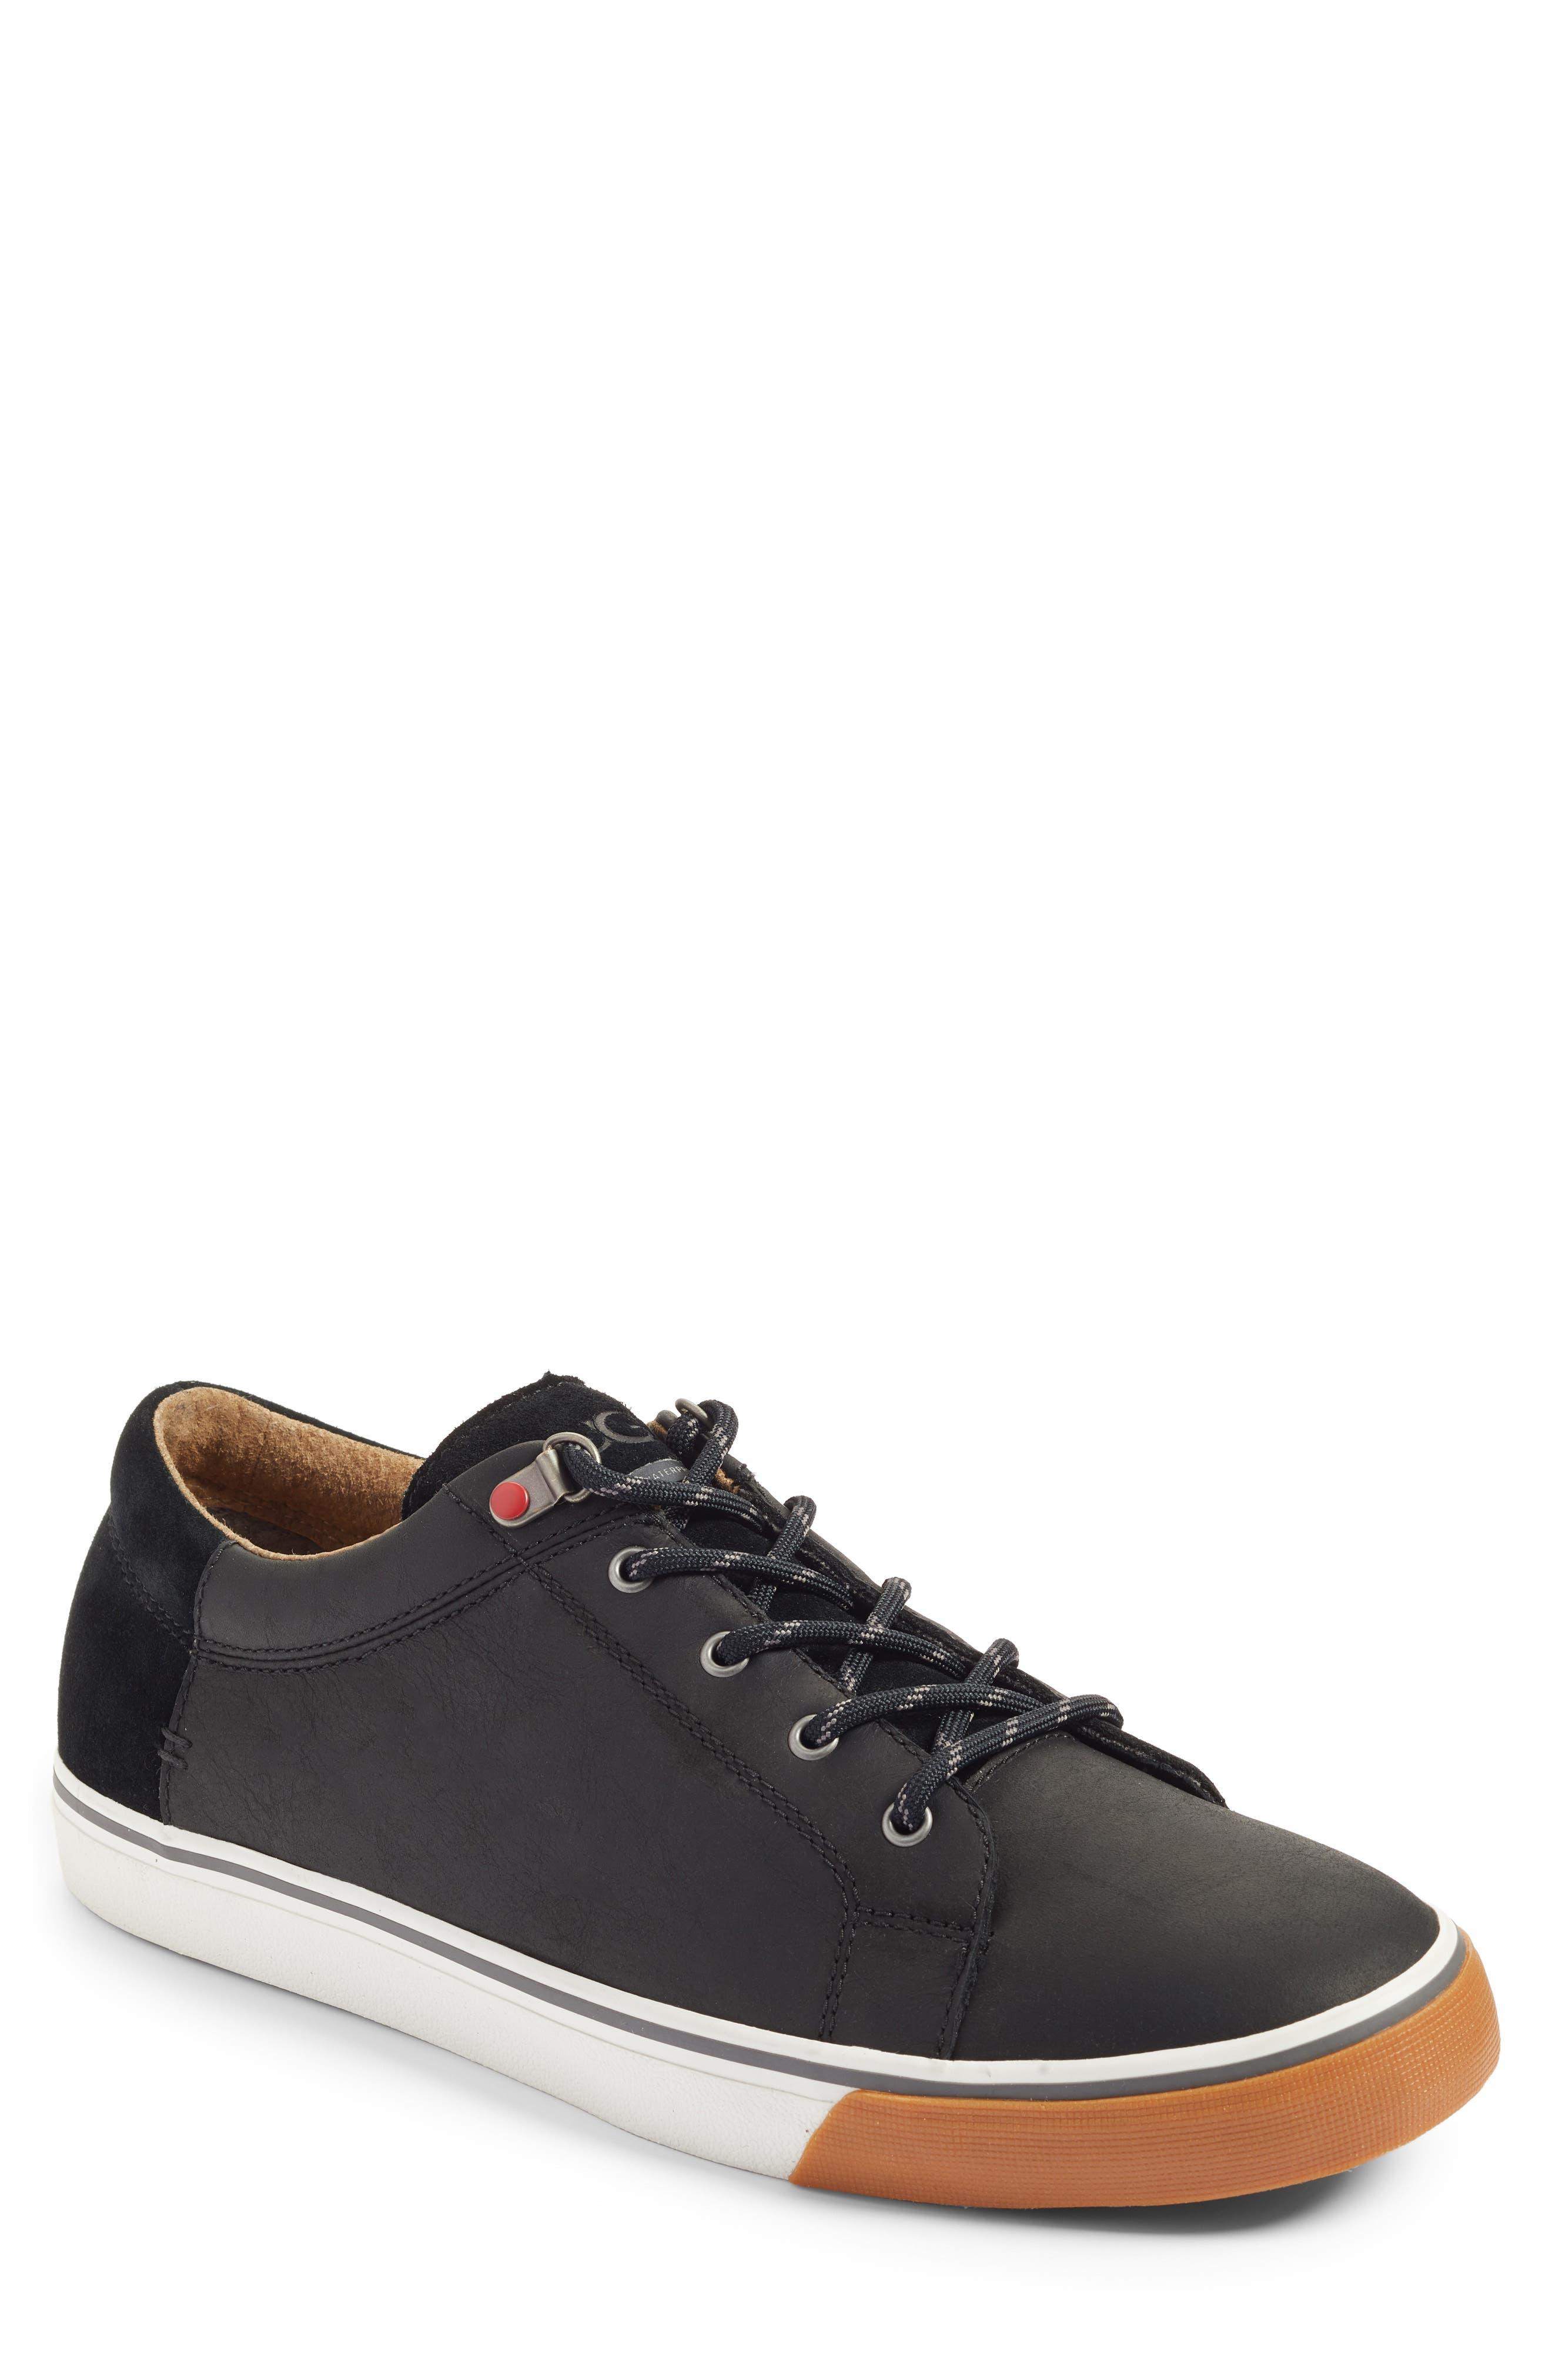 Brock Sneaker,                             Main thumbnail 1, color,                             001